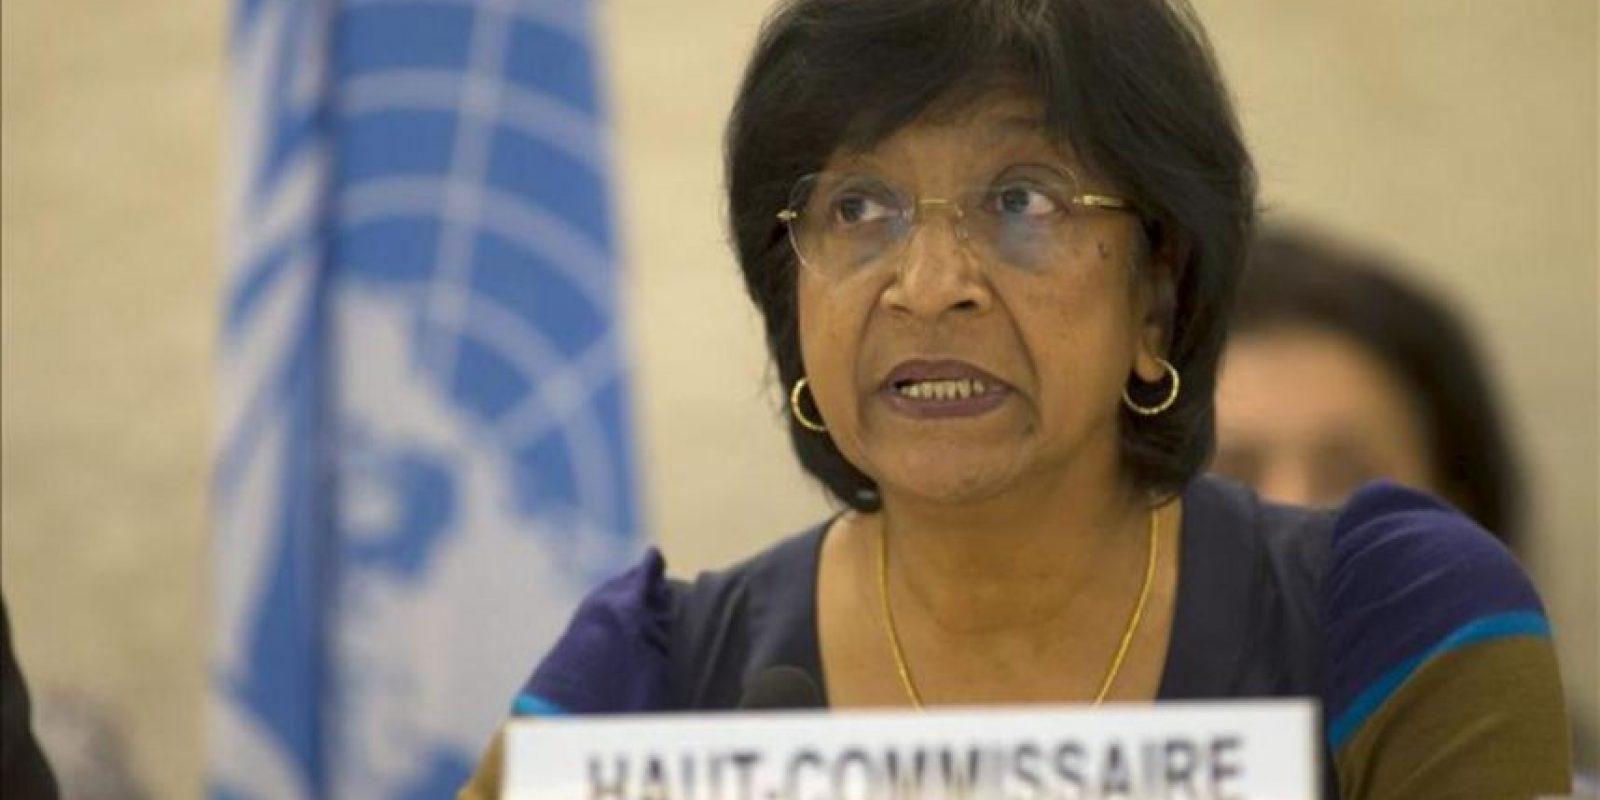 La Alta Comisionada de los Derechos Humanos de la ONU, la sudafricana Navanethem Pillay, da un discurso durante el encuentro de alto nivel de la 22ª sesión del Consejo de Derechos Humanos celebrado en la sede europea de las Naciones Unidas hoy, lunes 25 de febrero de 2013 en Ginebra. EFE